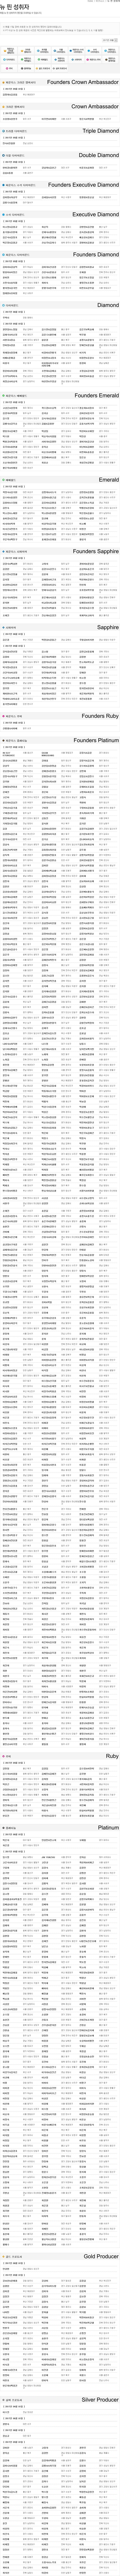 Amway Korea - nové kvalifikace za srpen 2017 (+ několik dodatečně zveřejněných kvalifikací z předchozích měsíců)